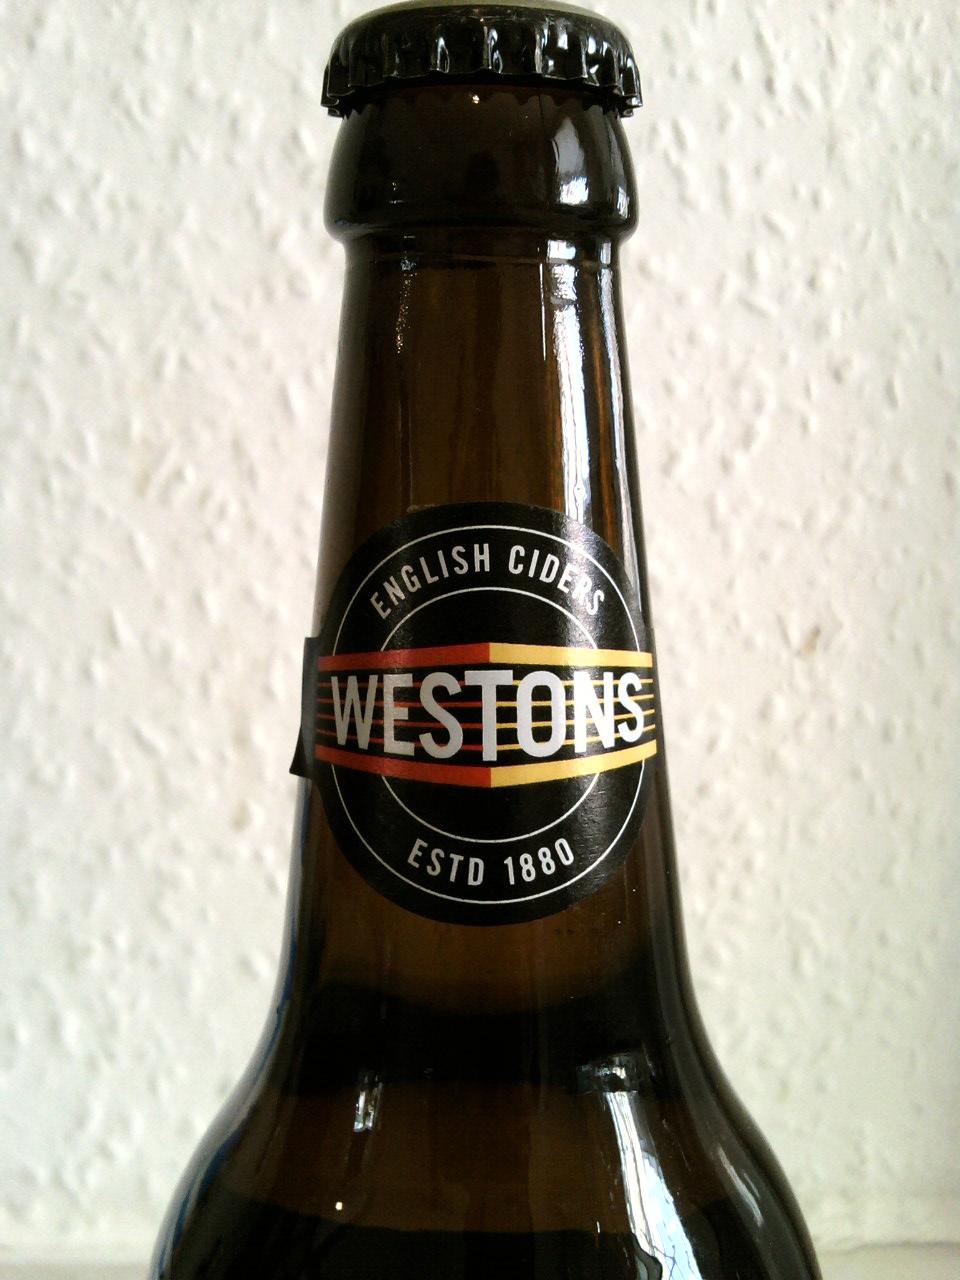 Henry Westons Vintage Special Reserve Cider neck label